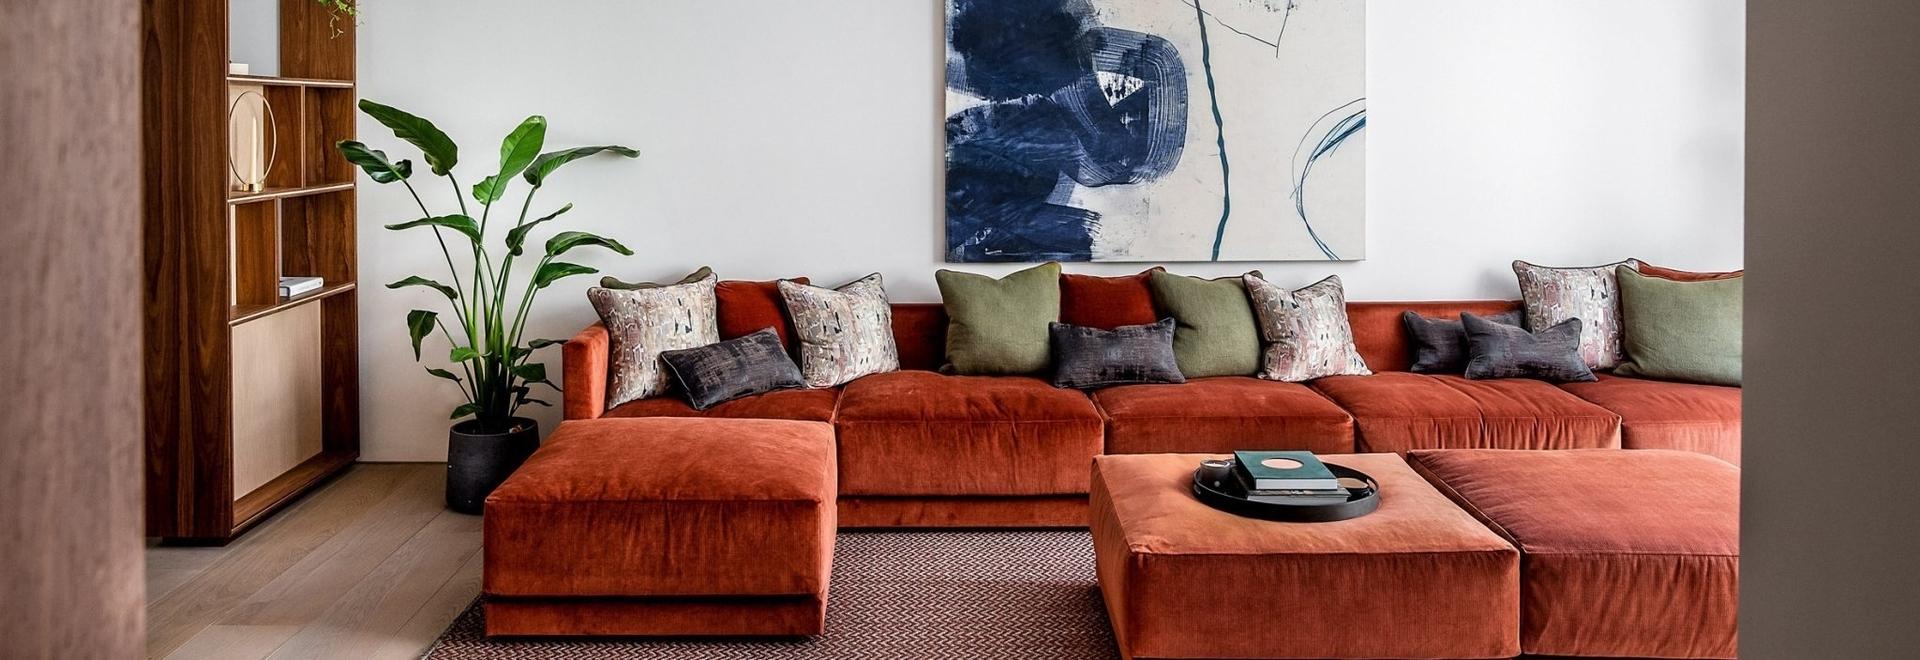 Echlin utilise un agencement en plans brisés pour créer des intérieurs spacieux dans la mews house de Londres